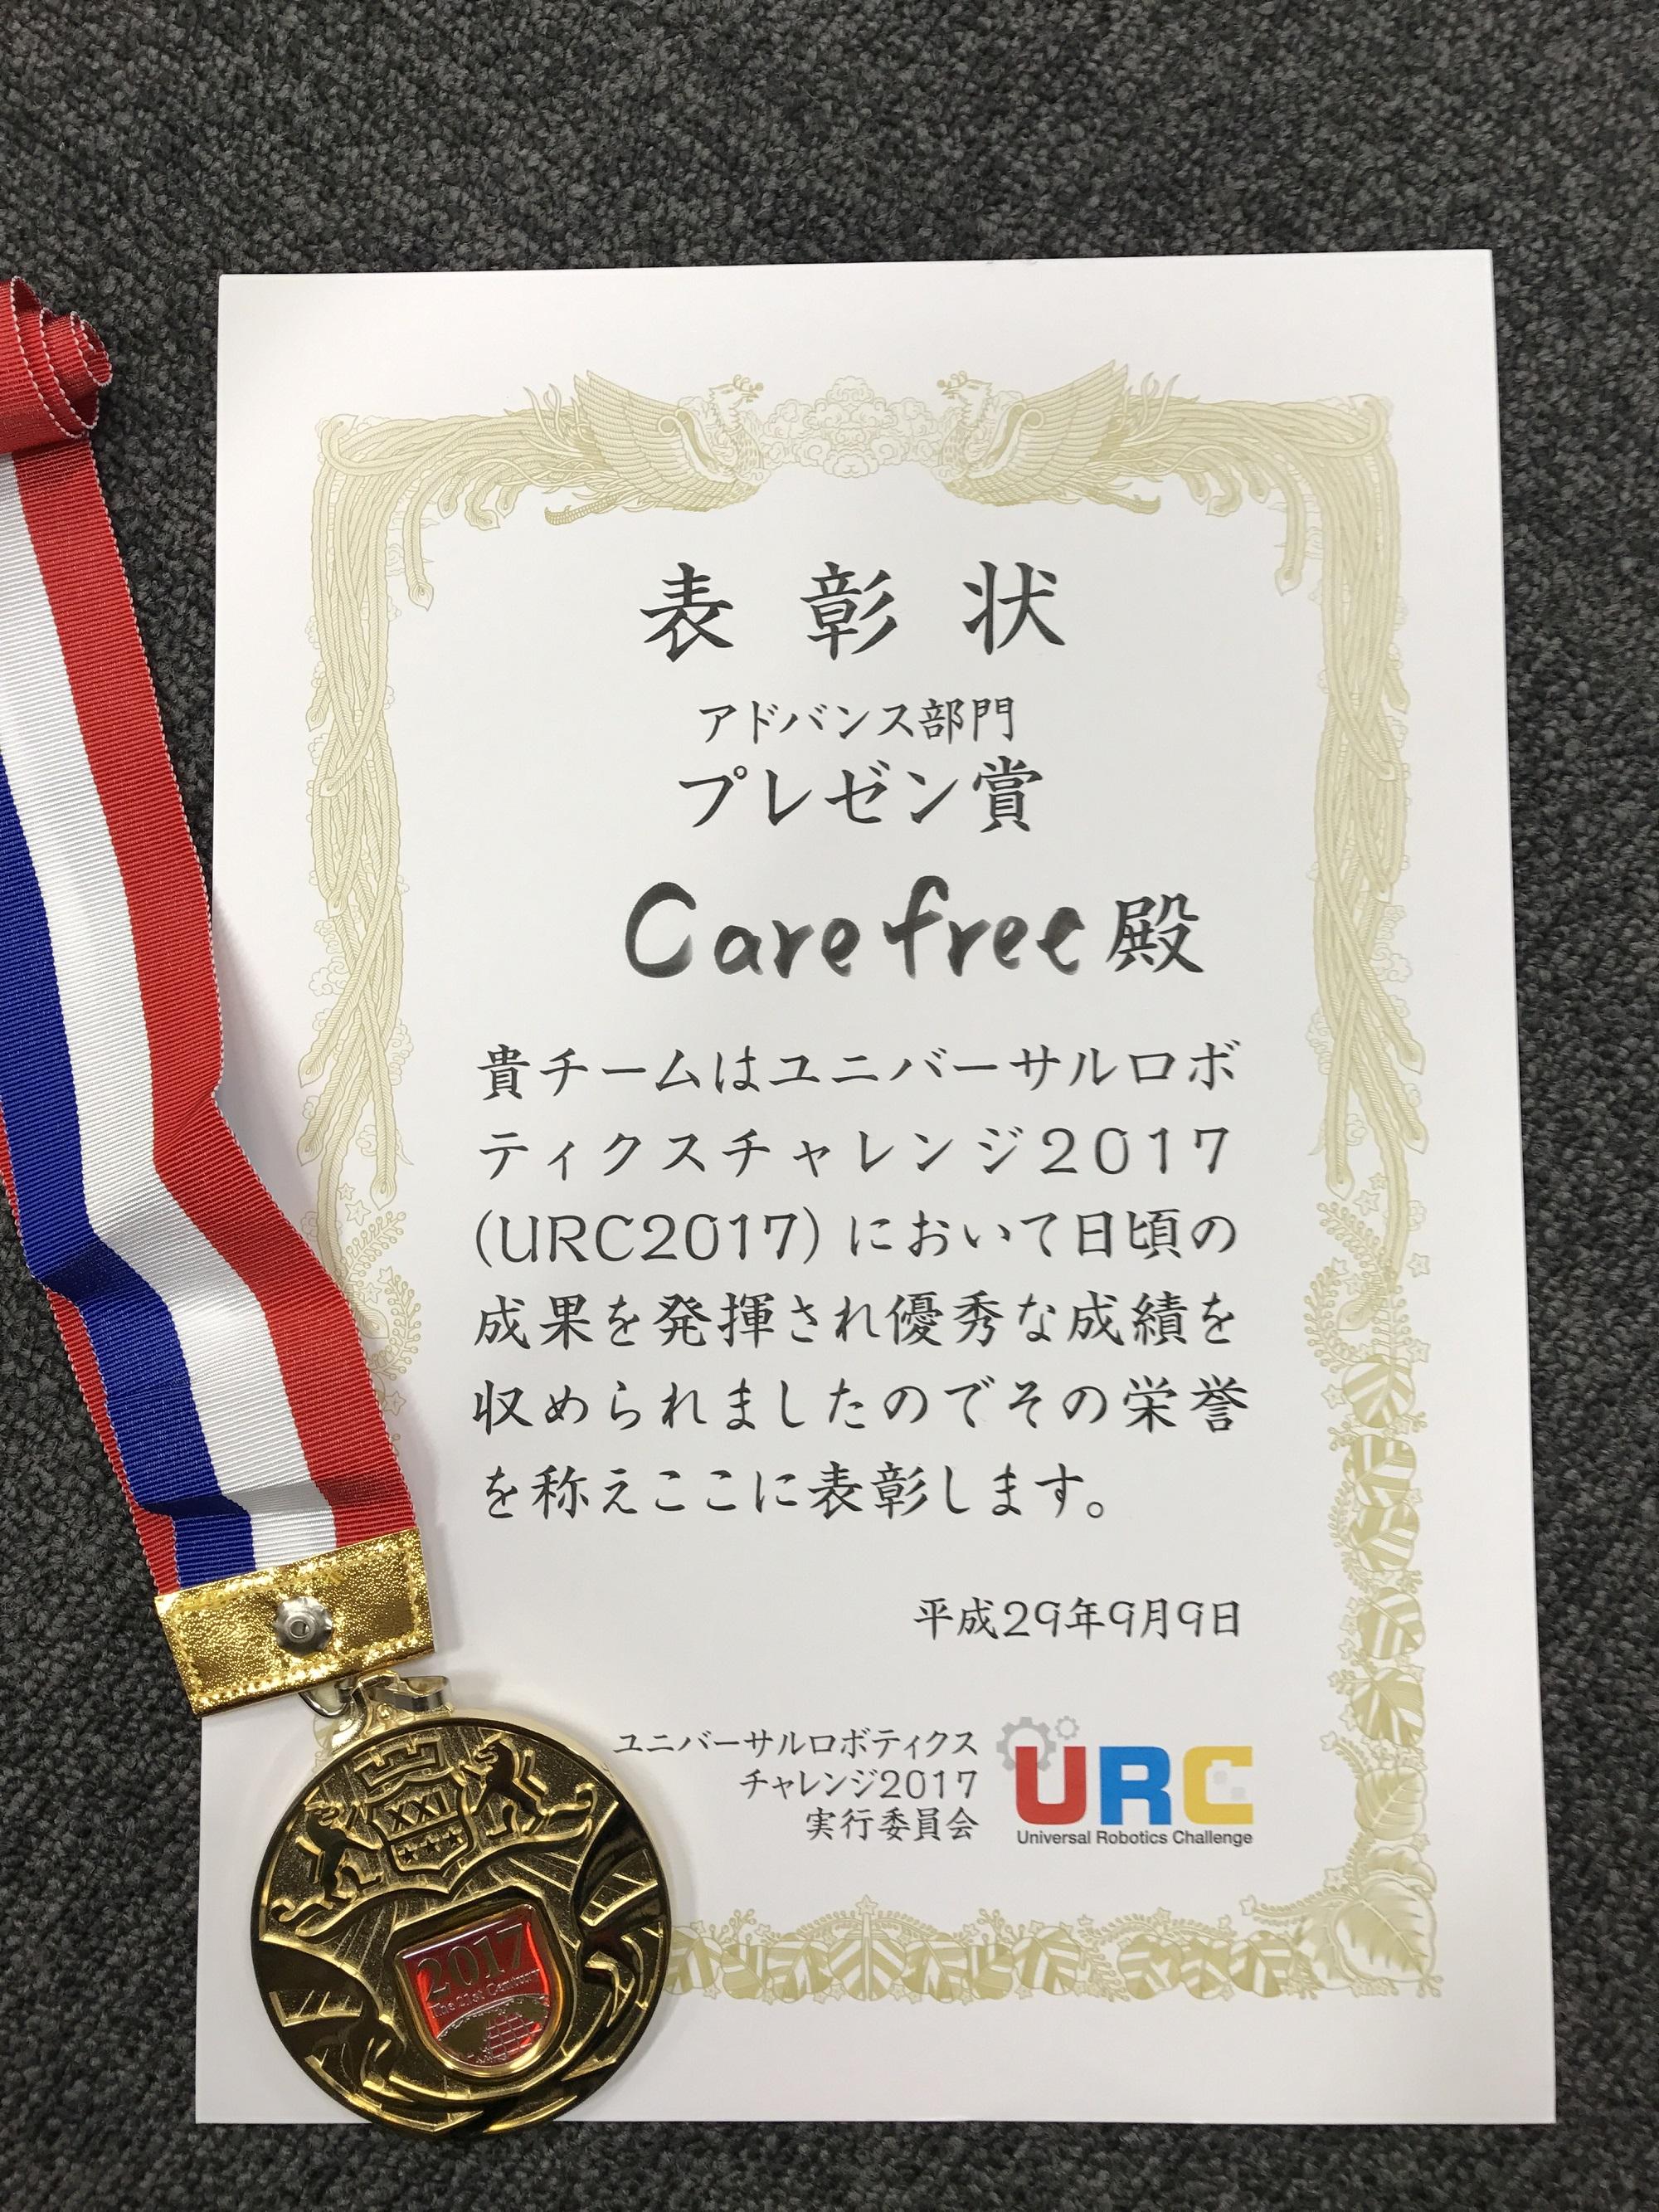 天主教慈幼會伍少梅中學的日本機械人比賽 - Universal Robotic Challenge 最佳設計獎相片7